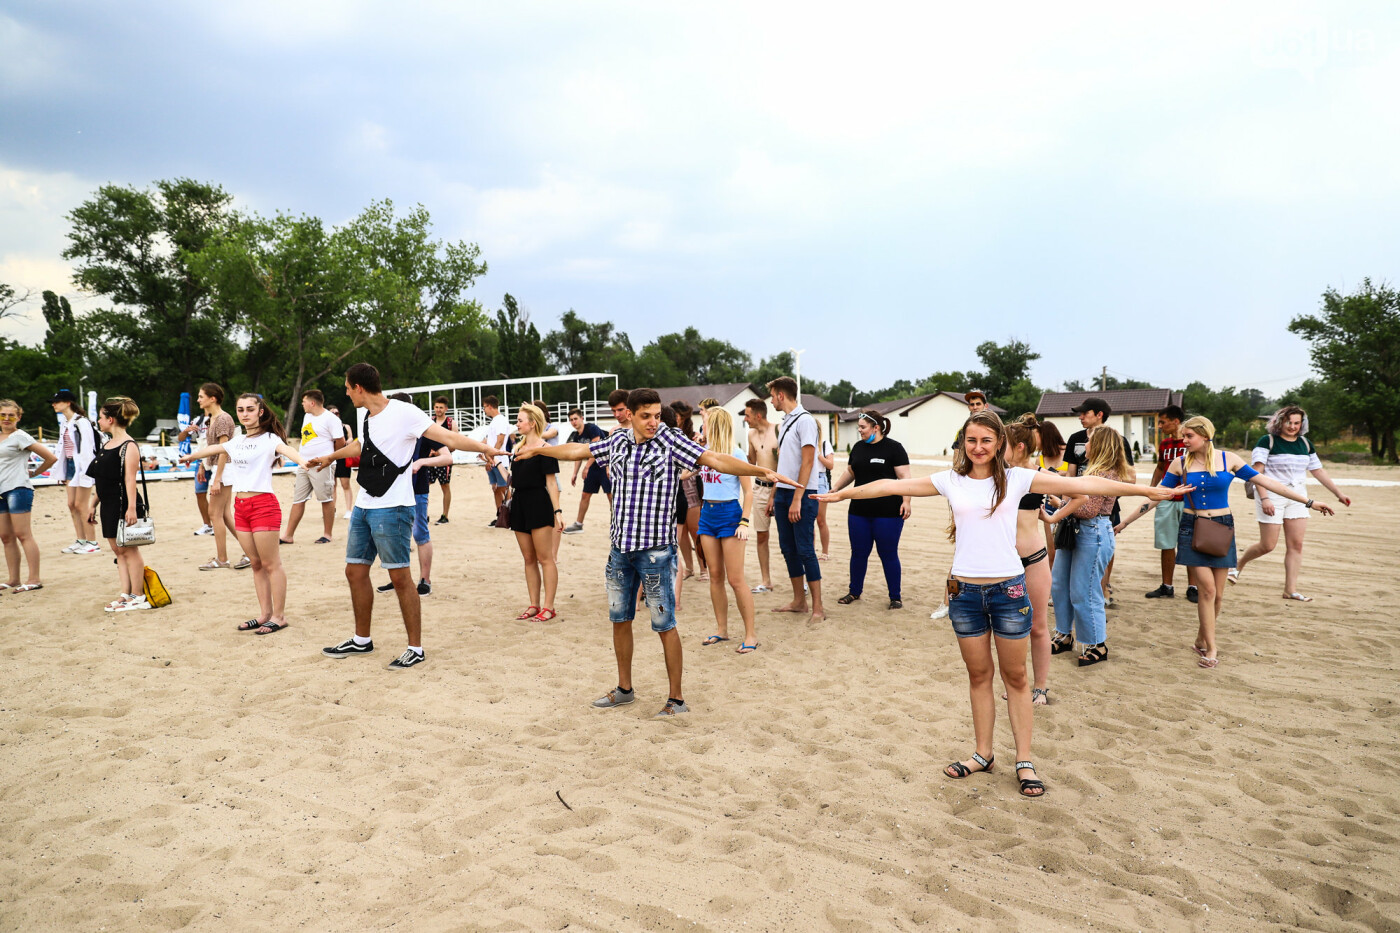 На пляже в Запорожье зажгли желто-синие дымовые шашки и установили рекорд Украины, - ФОТОРЕПОРТАЖ, фото-2